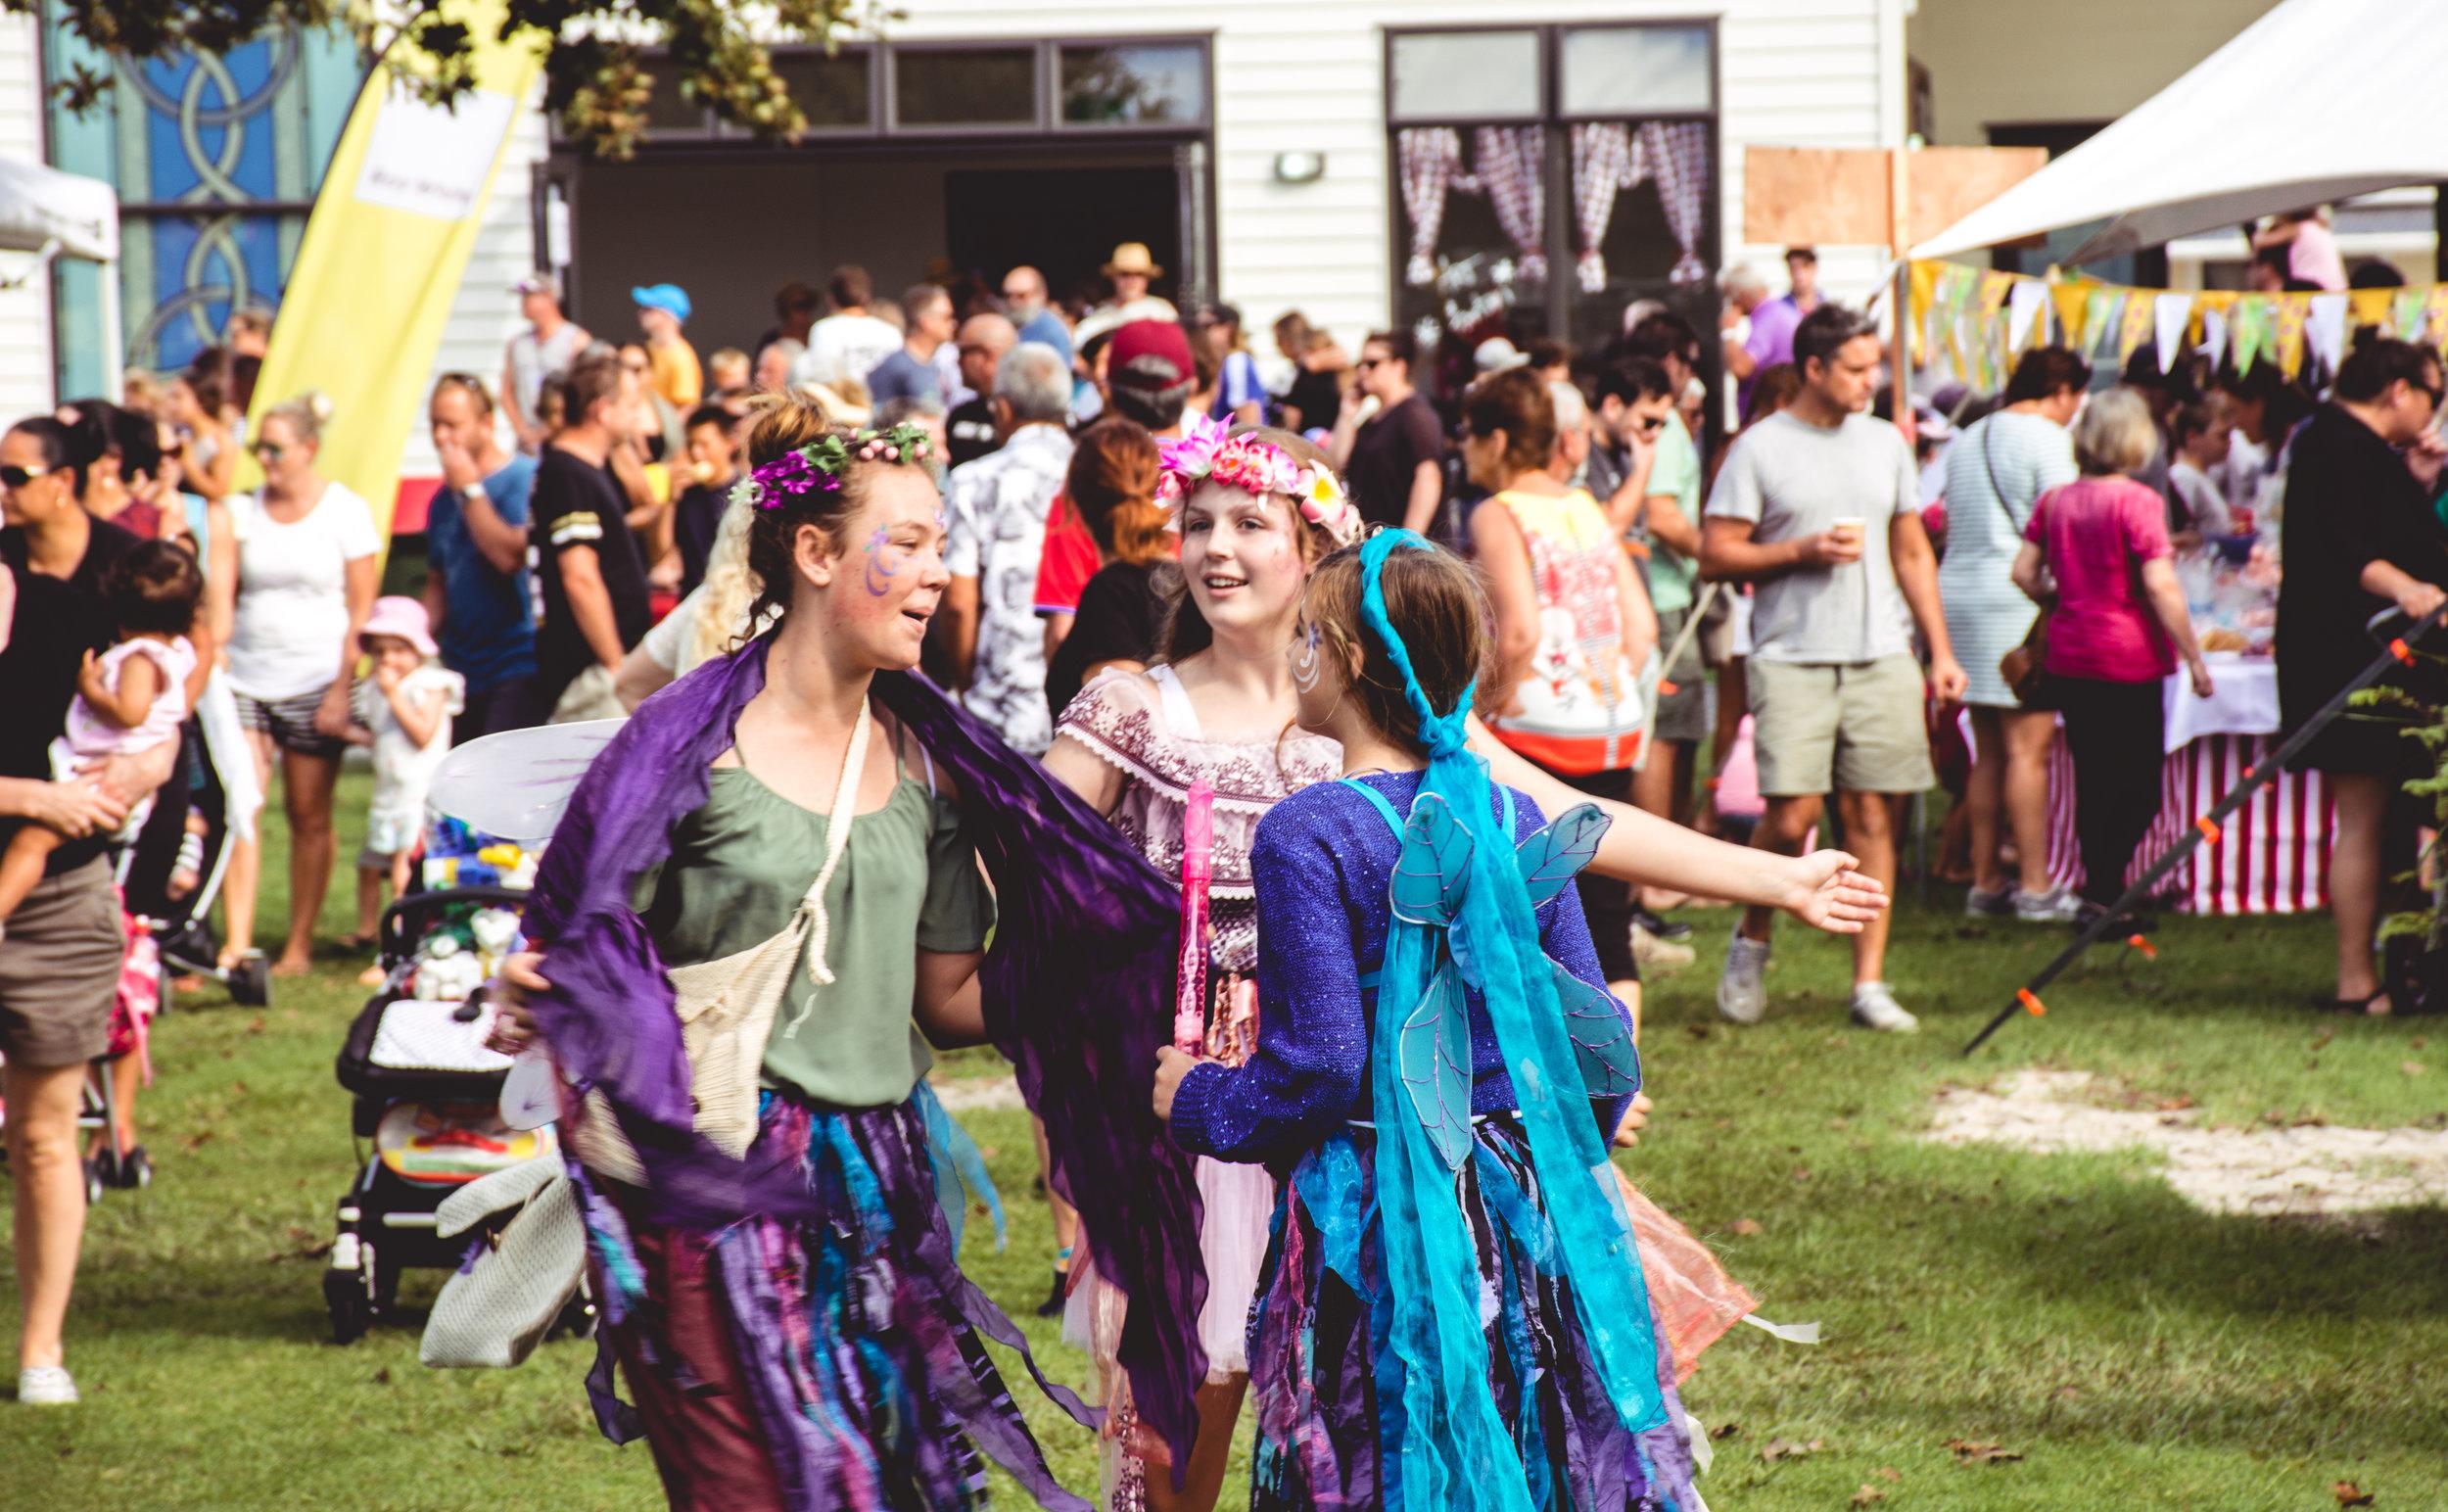 Waipu-Easter-Carnival-2018-13.jpg